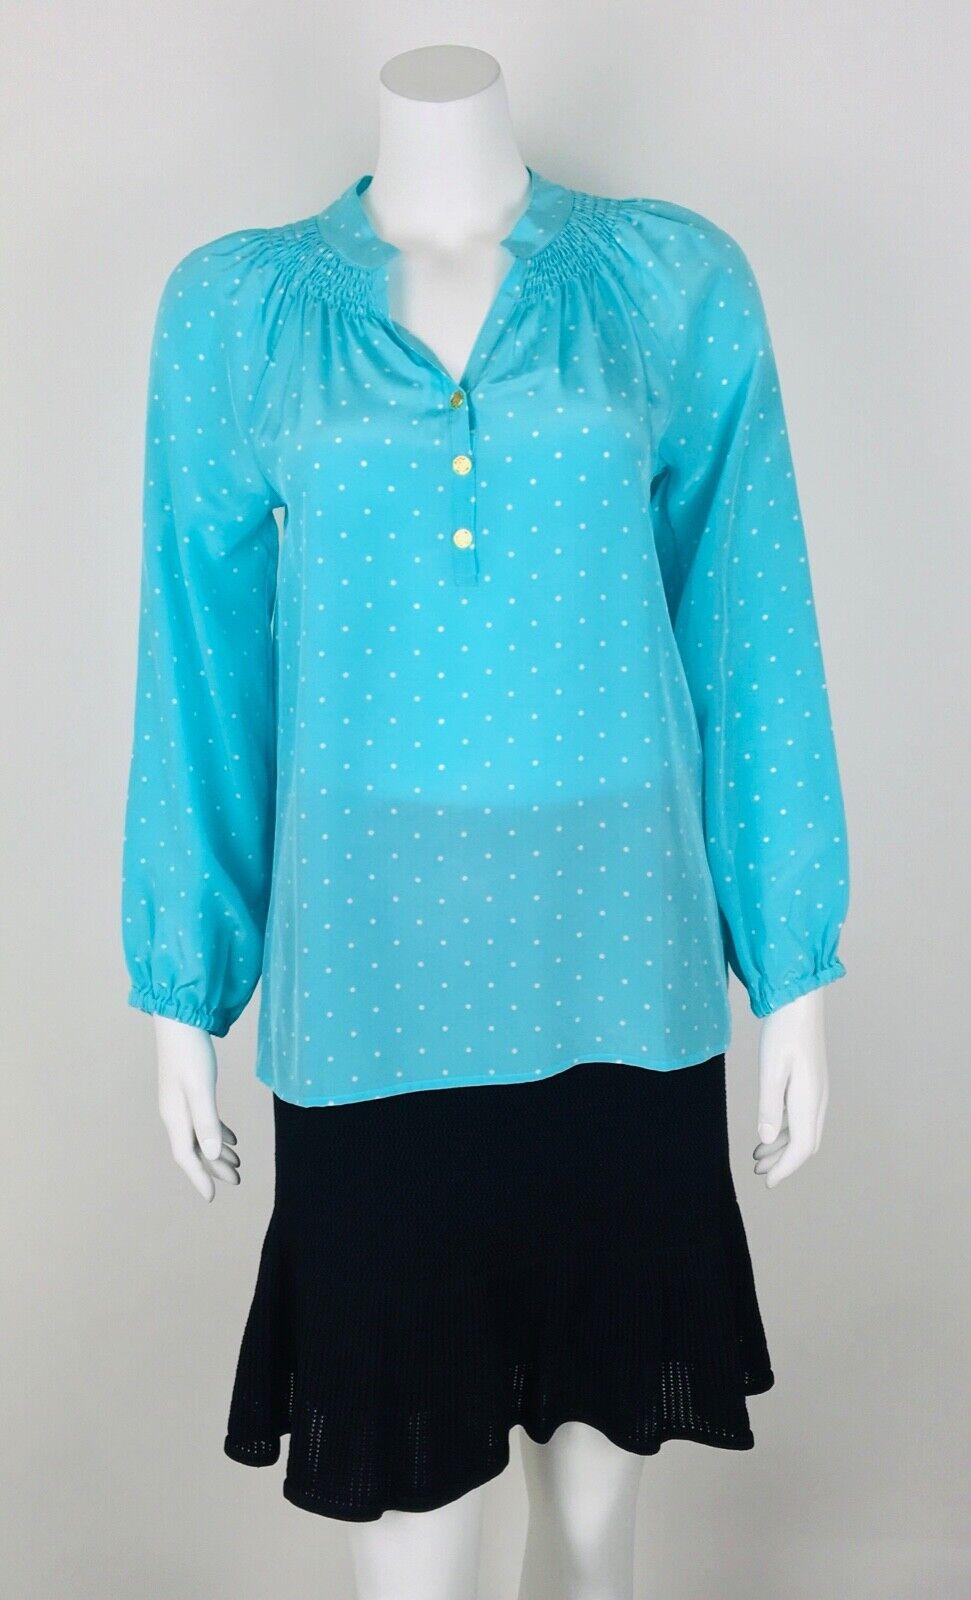 Lilly Pulitzer Femme Elsa Haut Neuf Avec Étiquettes  158 100% soie pois turquoise XS